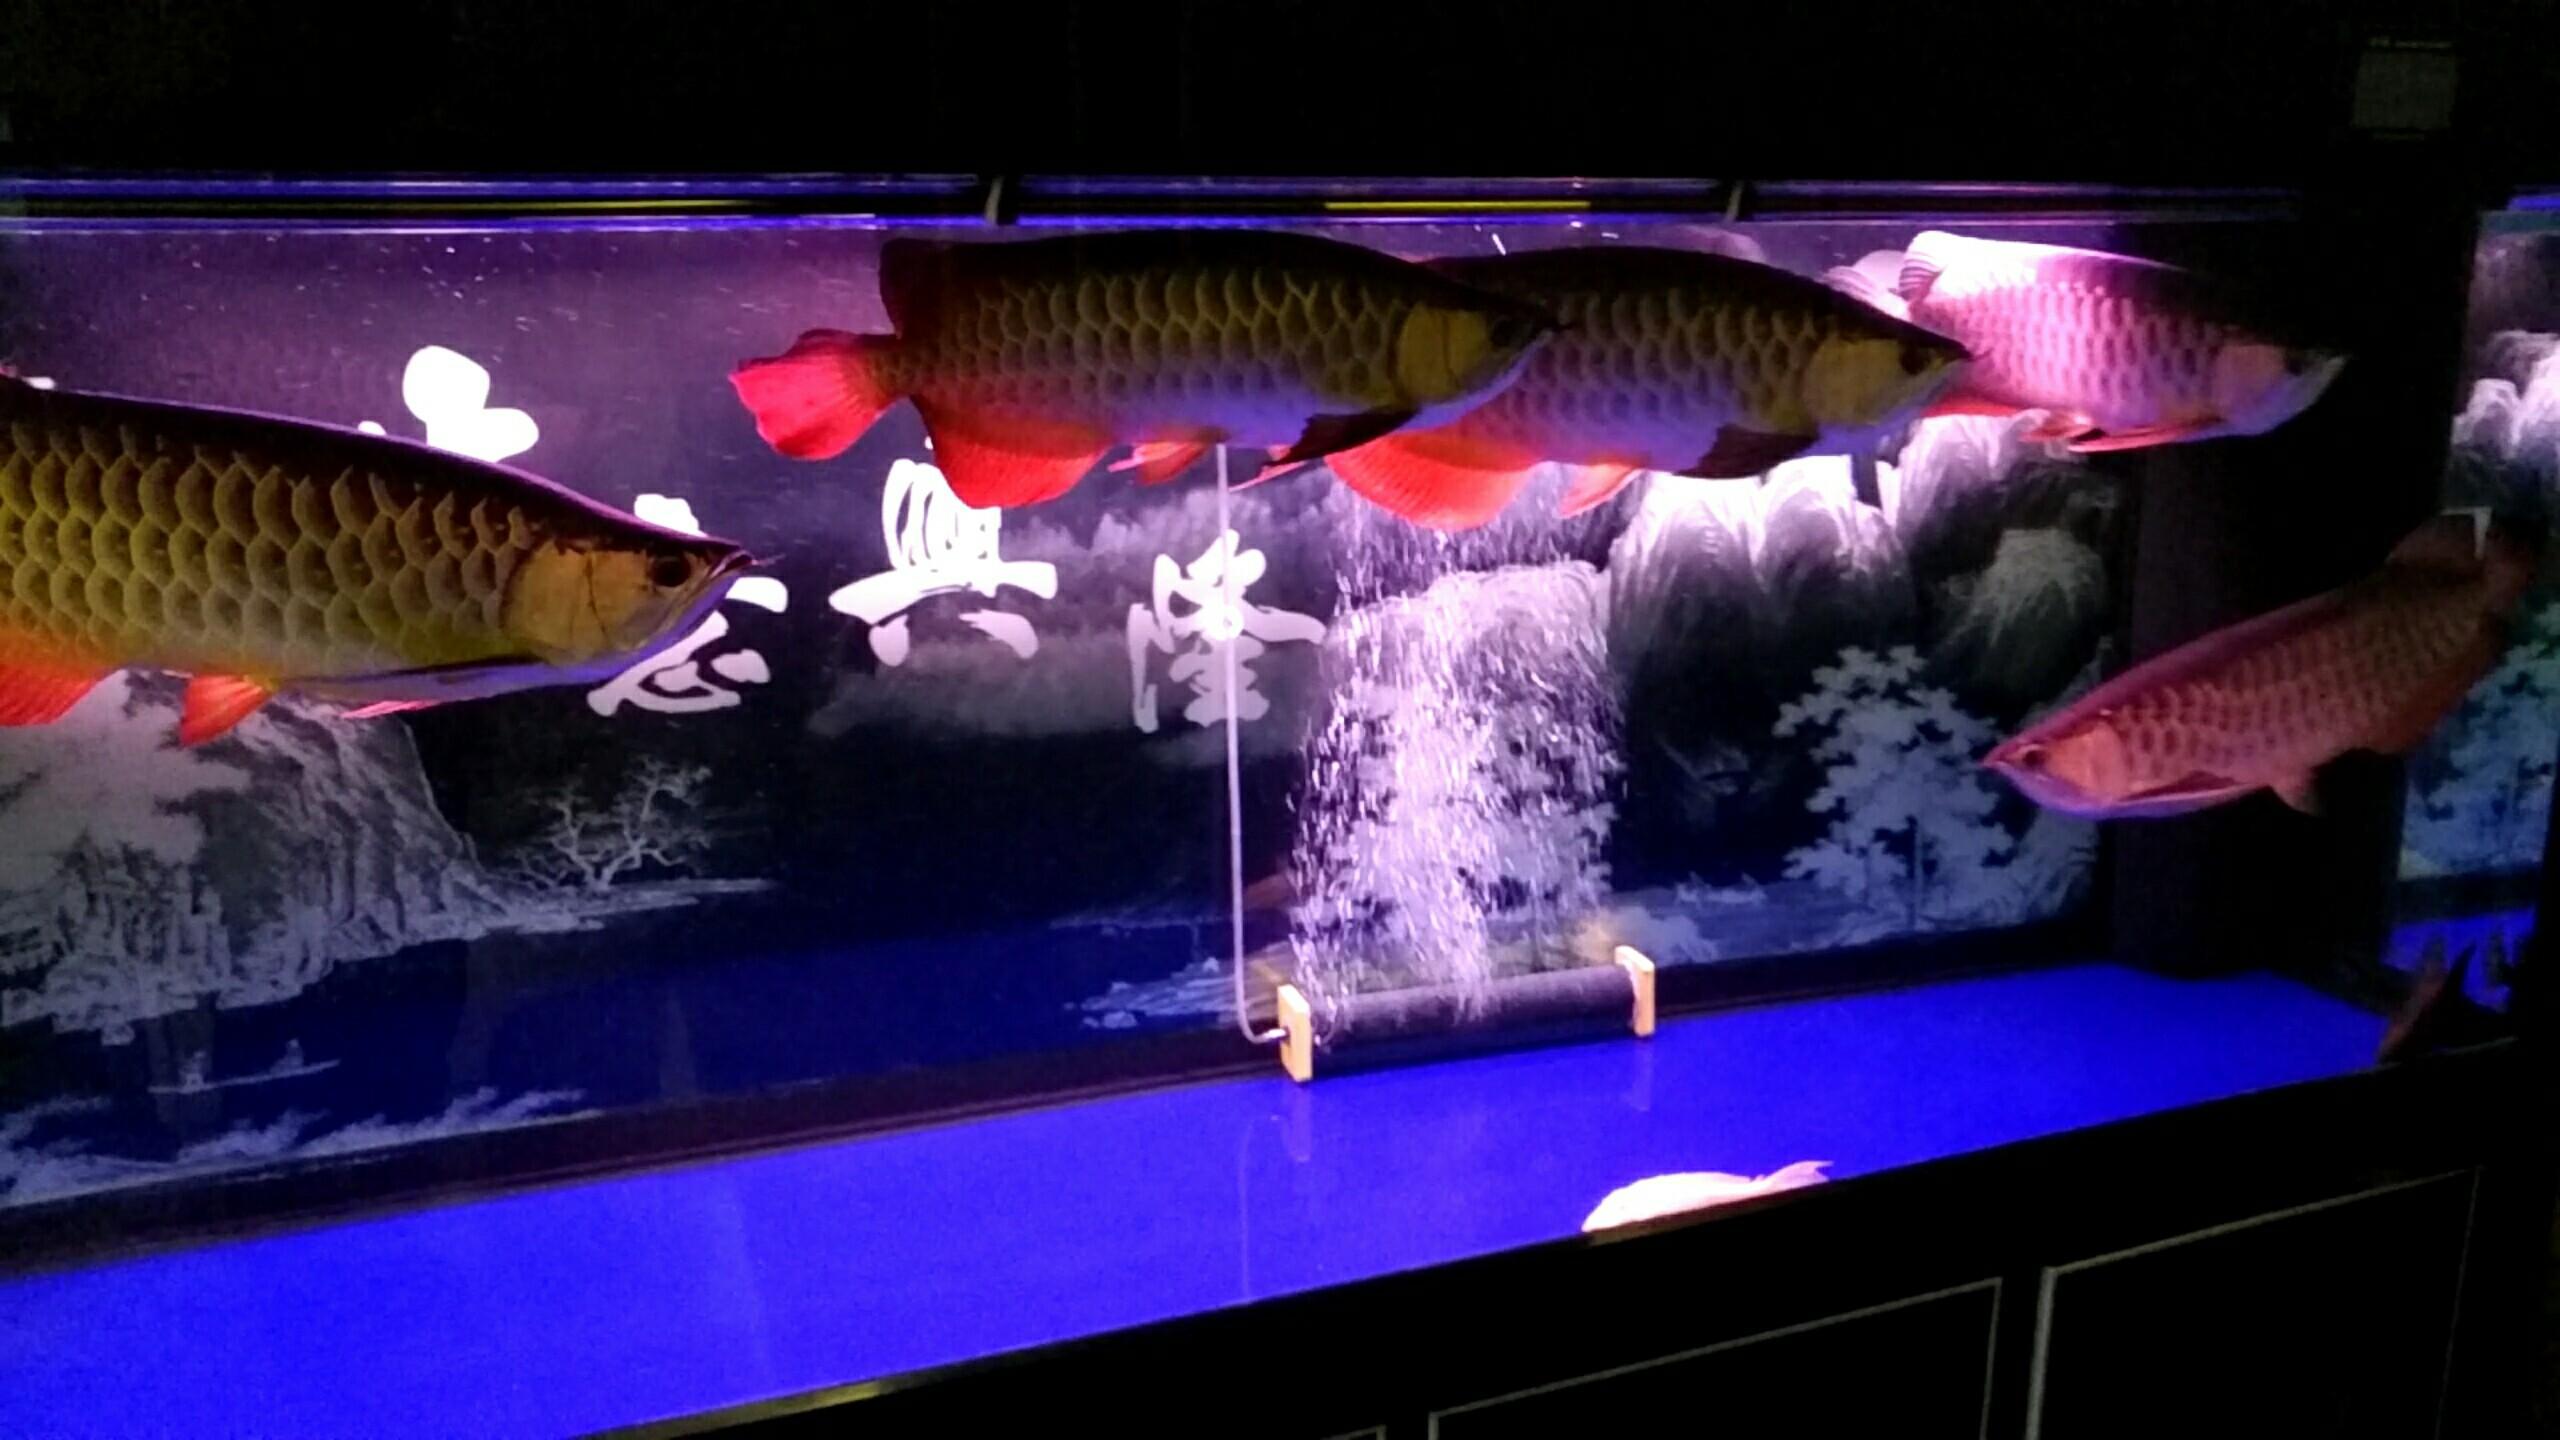 北京观赏水族箱大伙给看看 北京观赏鱼 北京龙鱼第2张